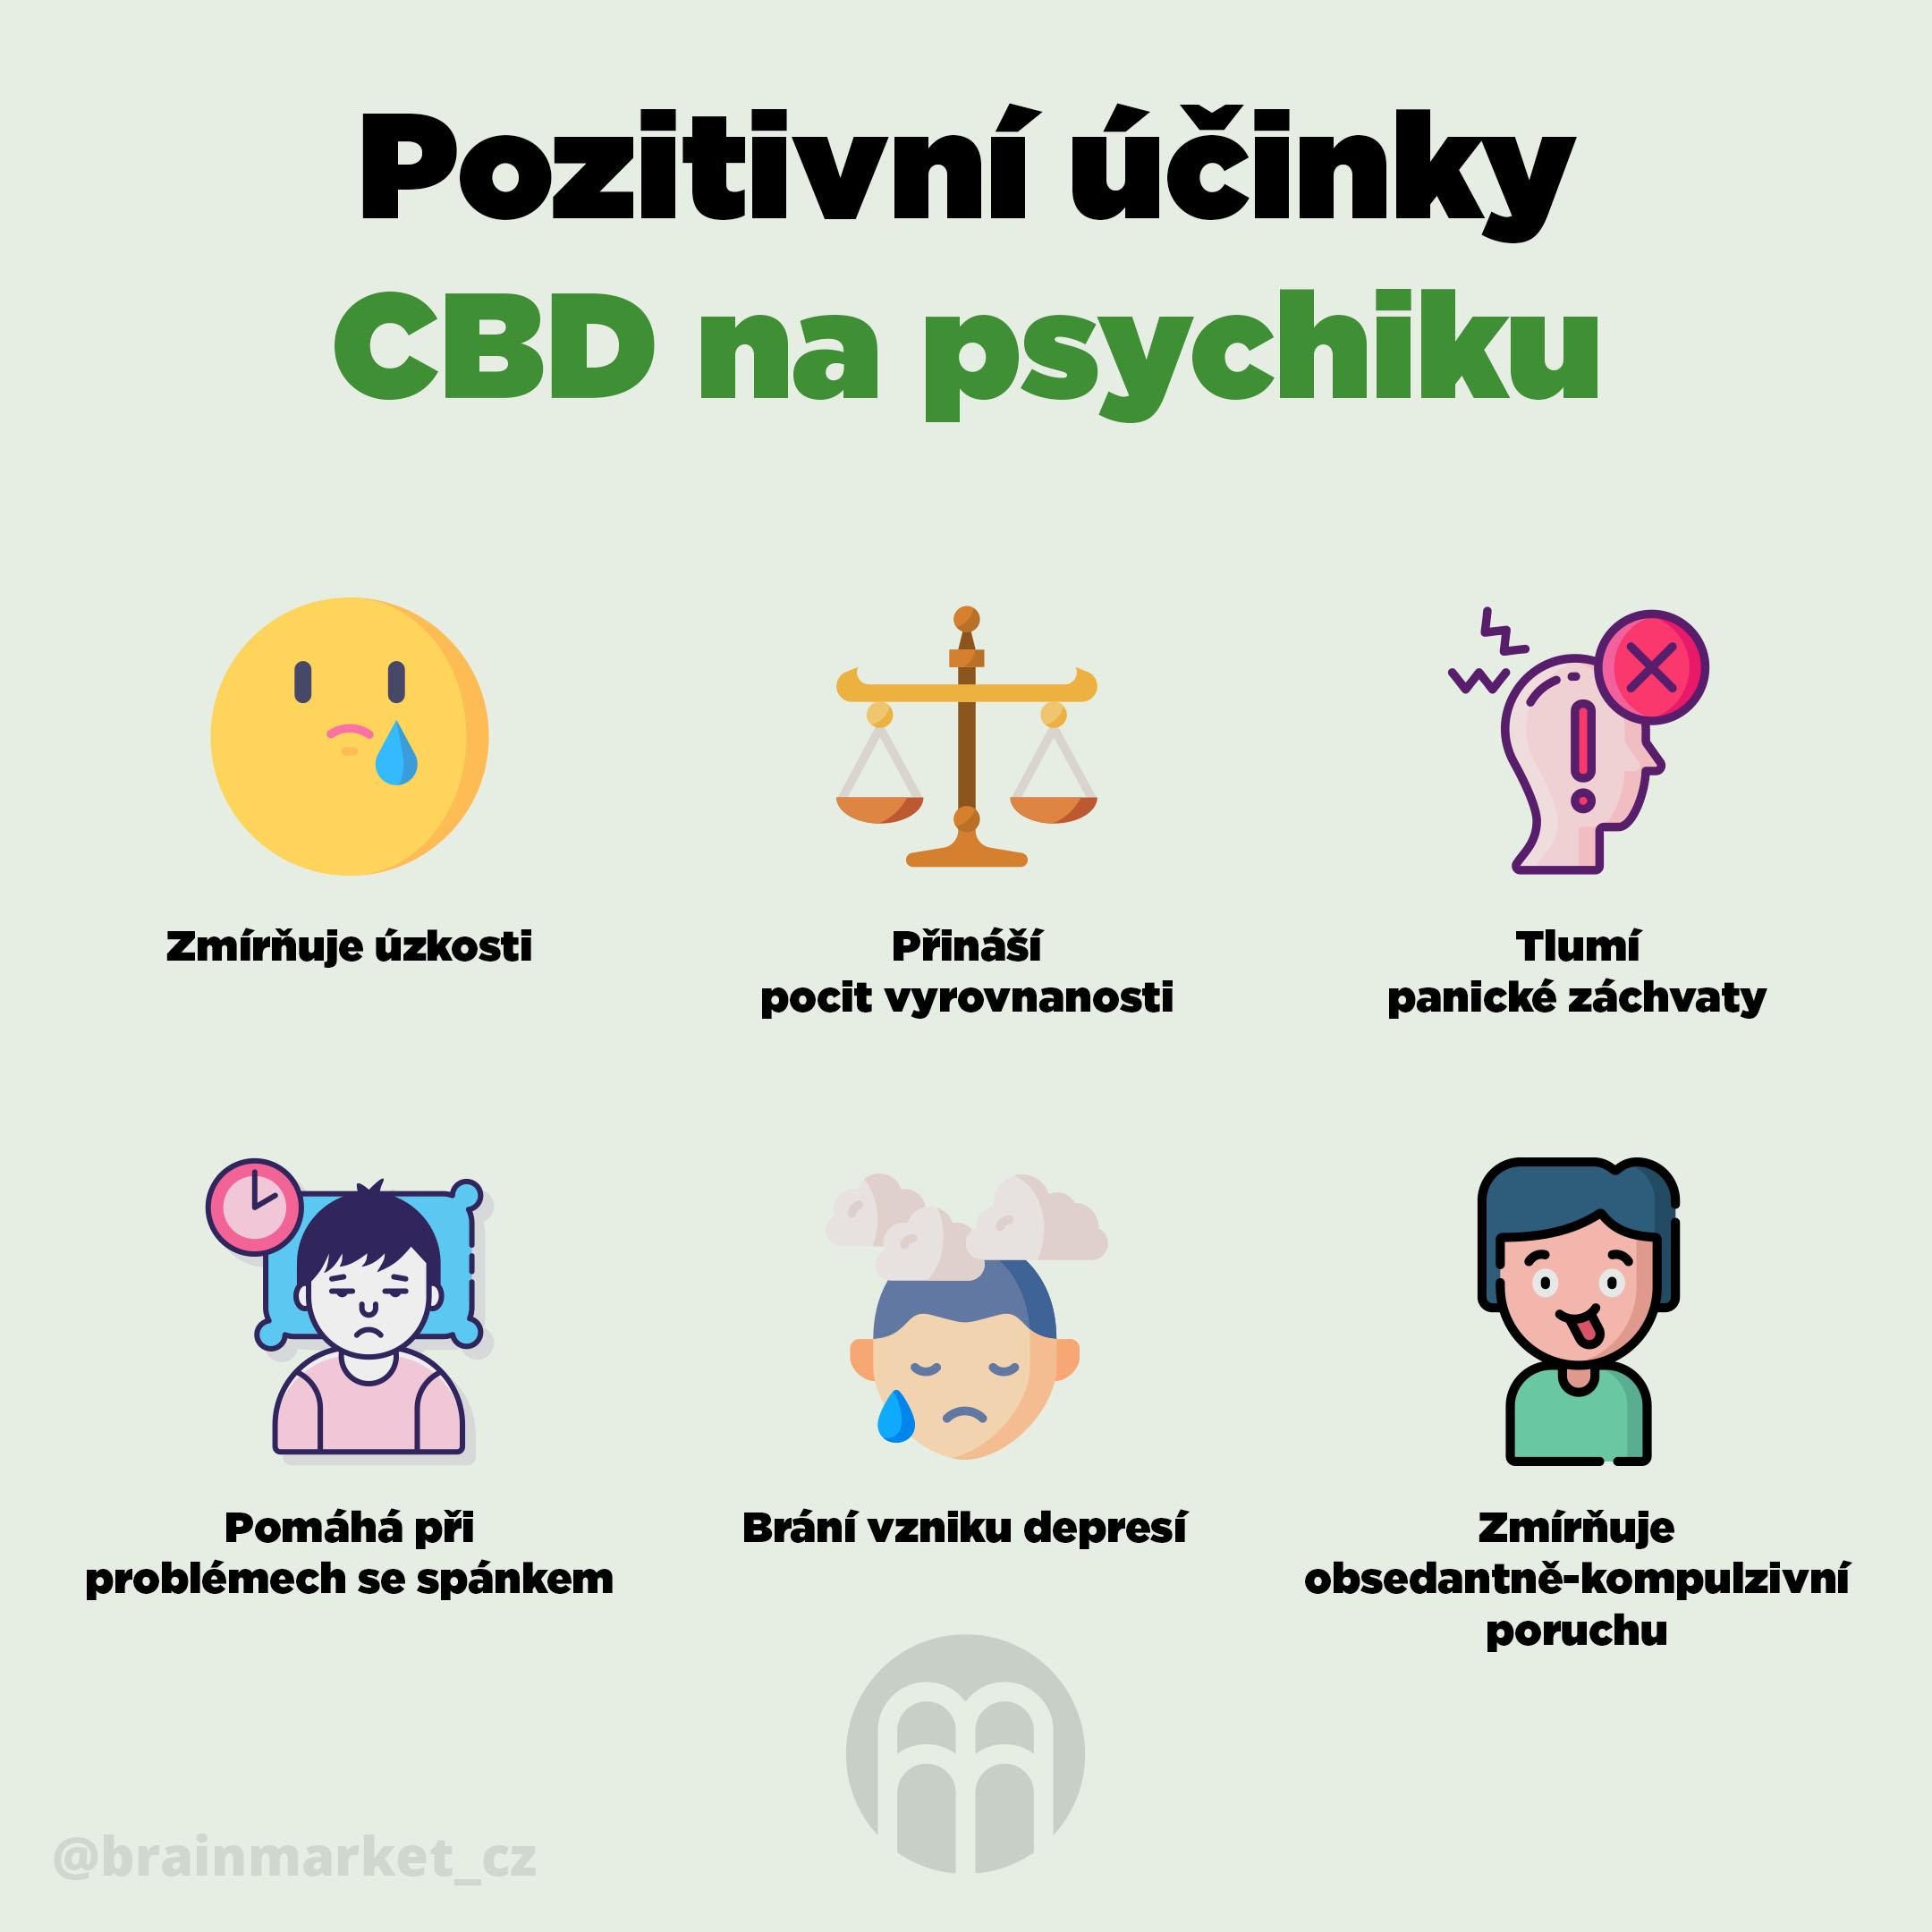 ucinky_CBD_na_psychiku_infografika_brainmarket_CZ